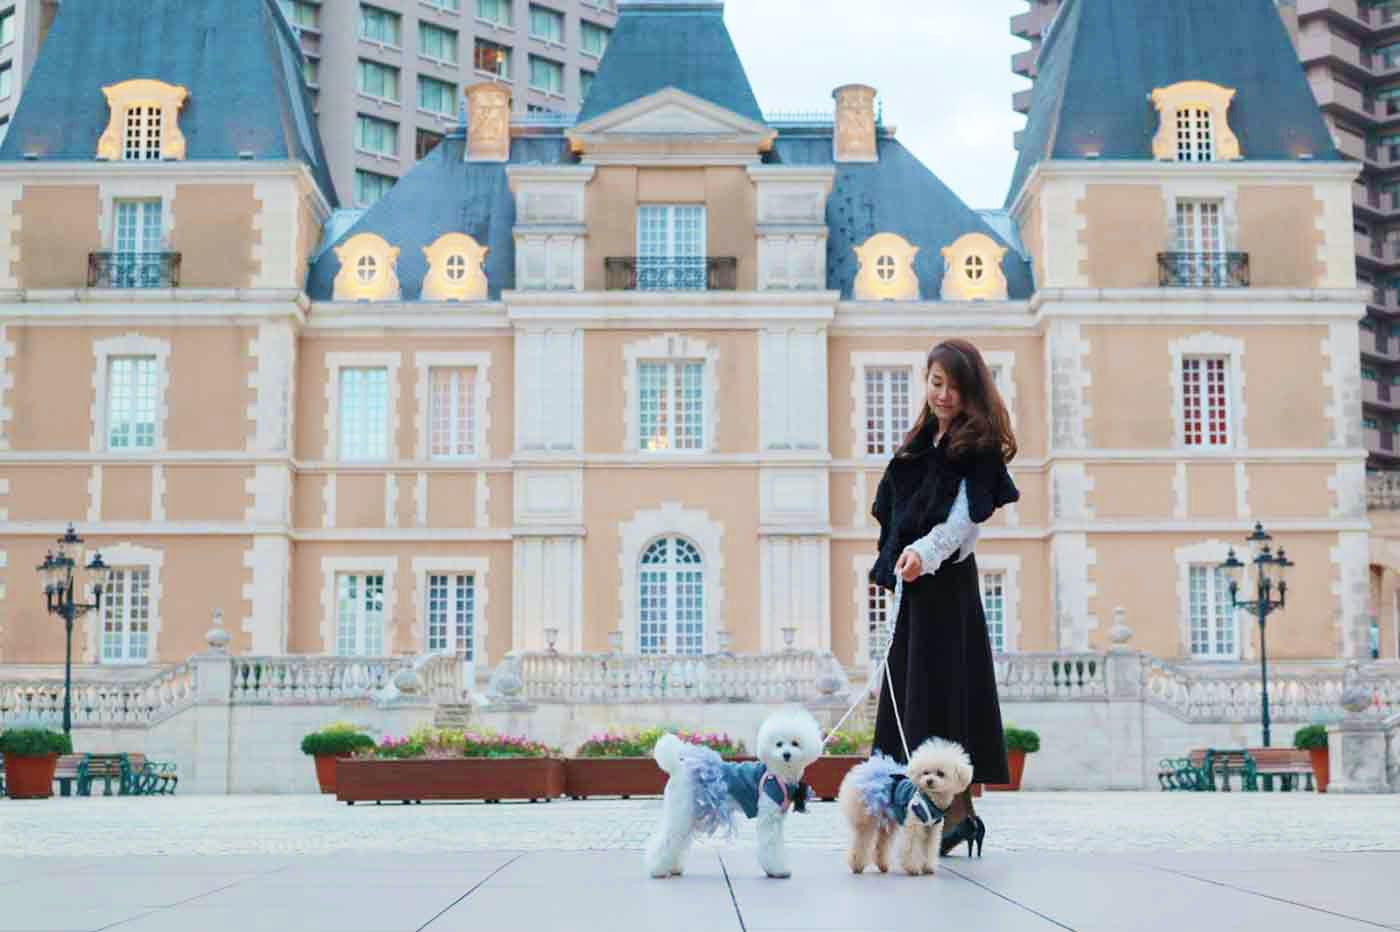 【クーポンあり】大型犬も店内OKの恵比寿ランチと、ミシュラン3つ星のロブションで、わんちゃんメニューにうっとり!